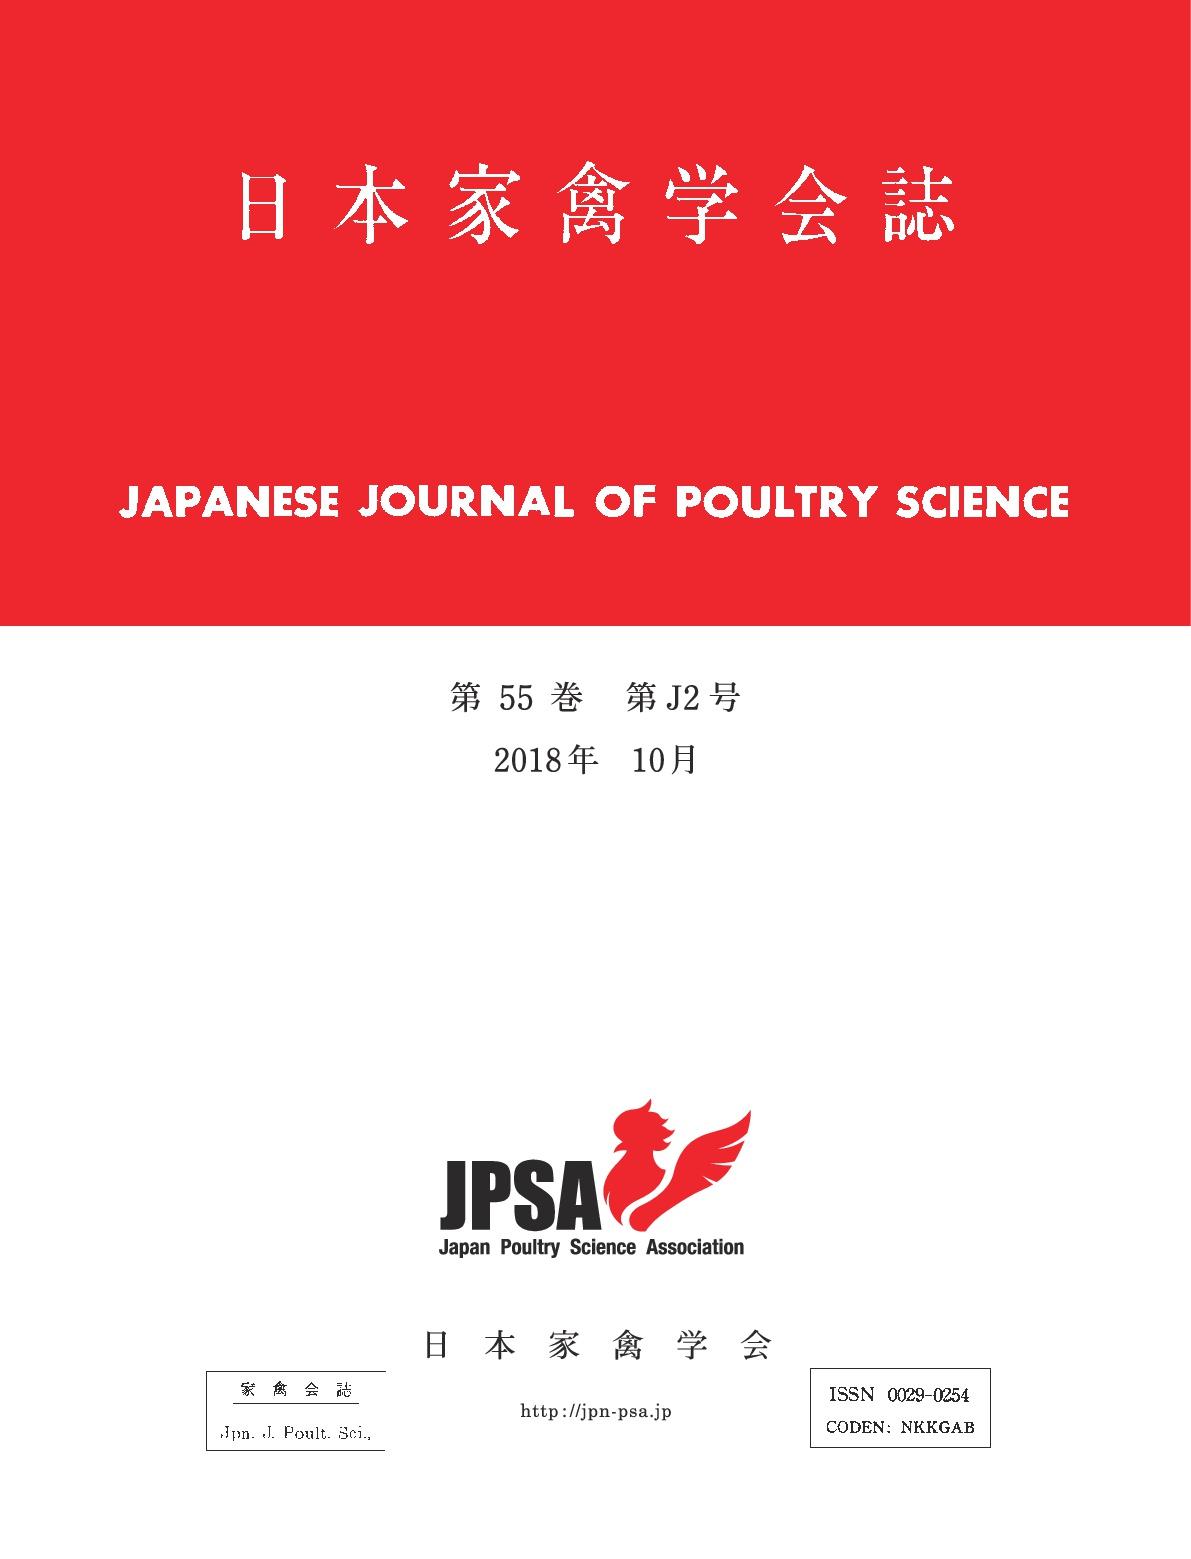 日本家禽学会誌